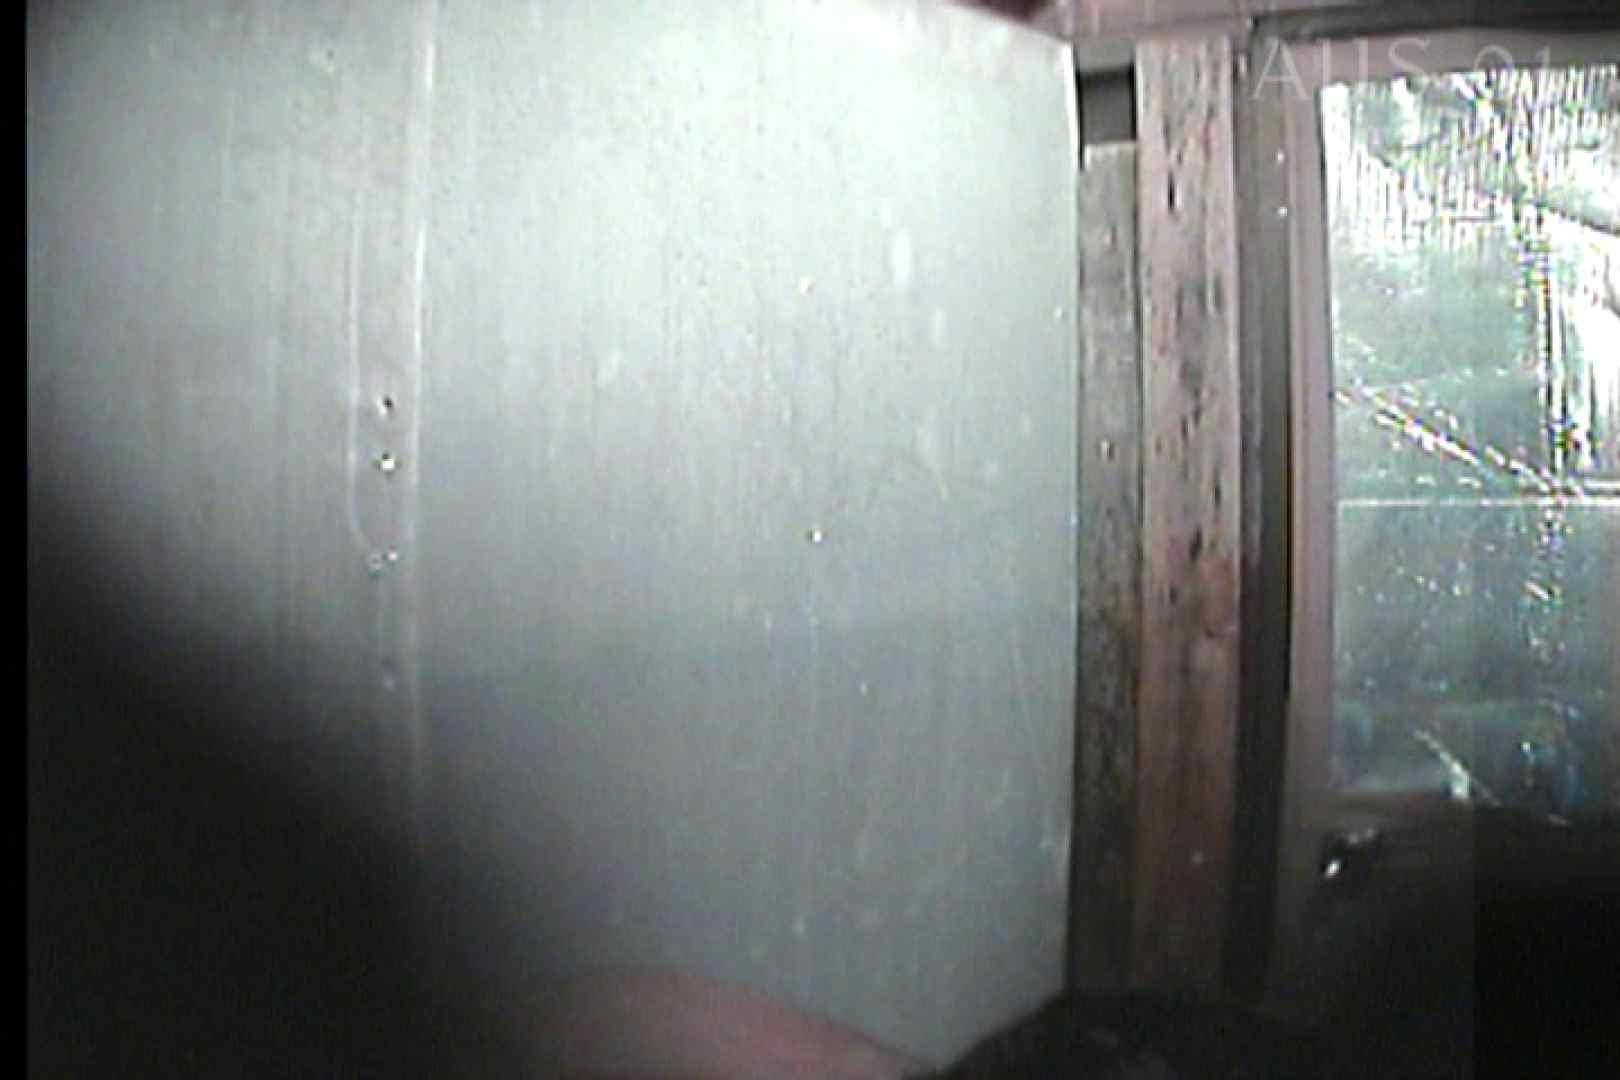 海の家の更衣室 Vol.05 シャワー 覗きおまんこ画像 84pic 56